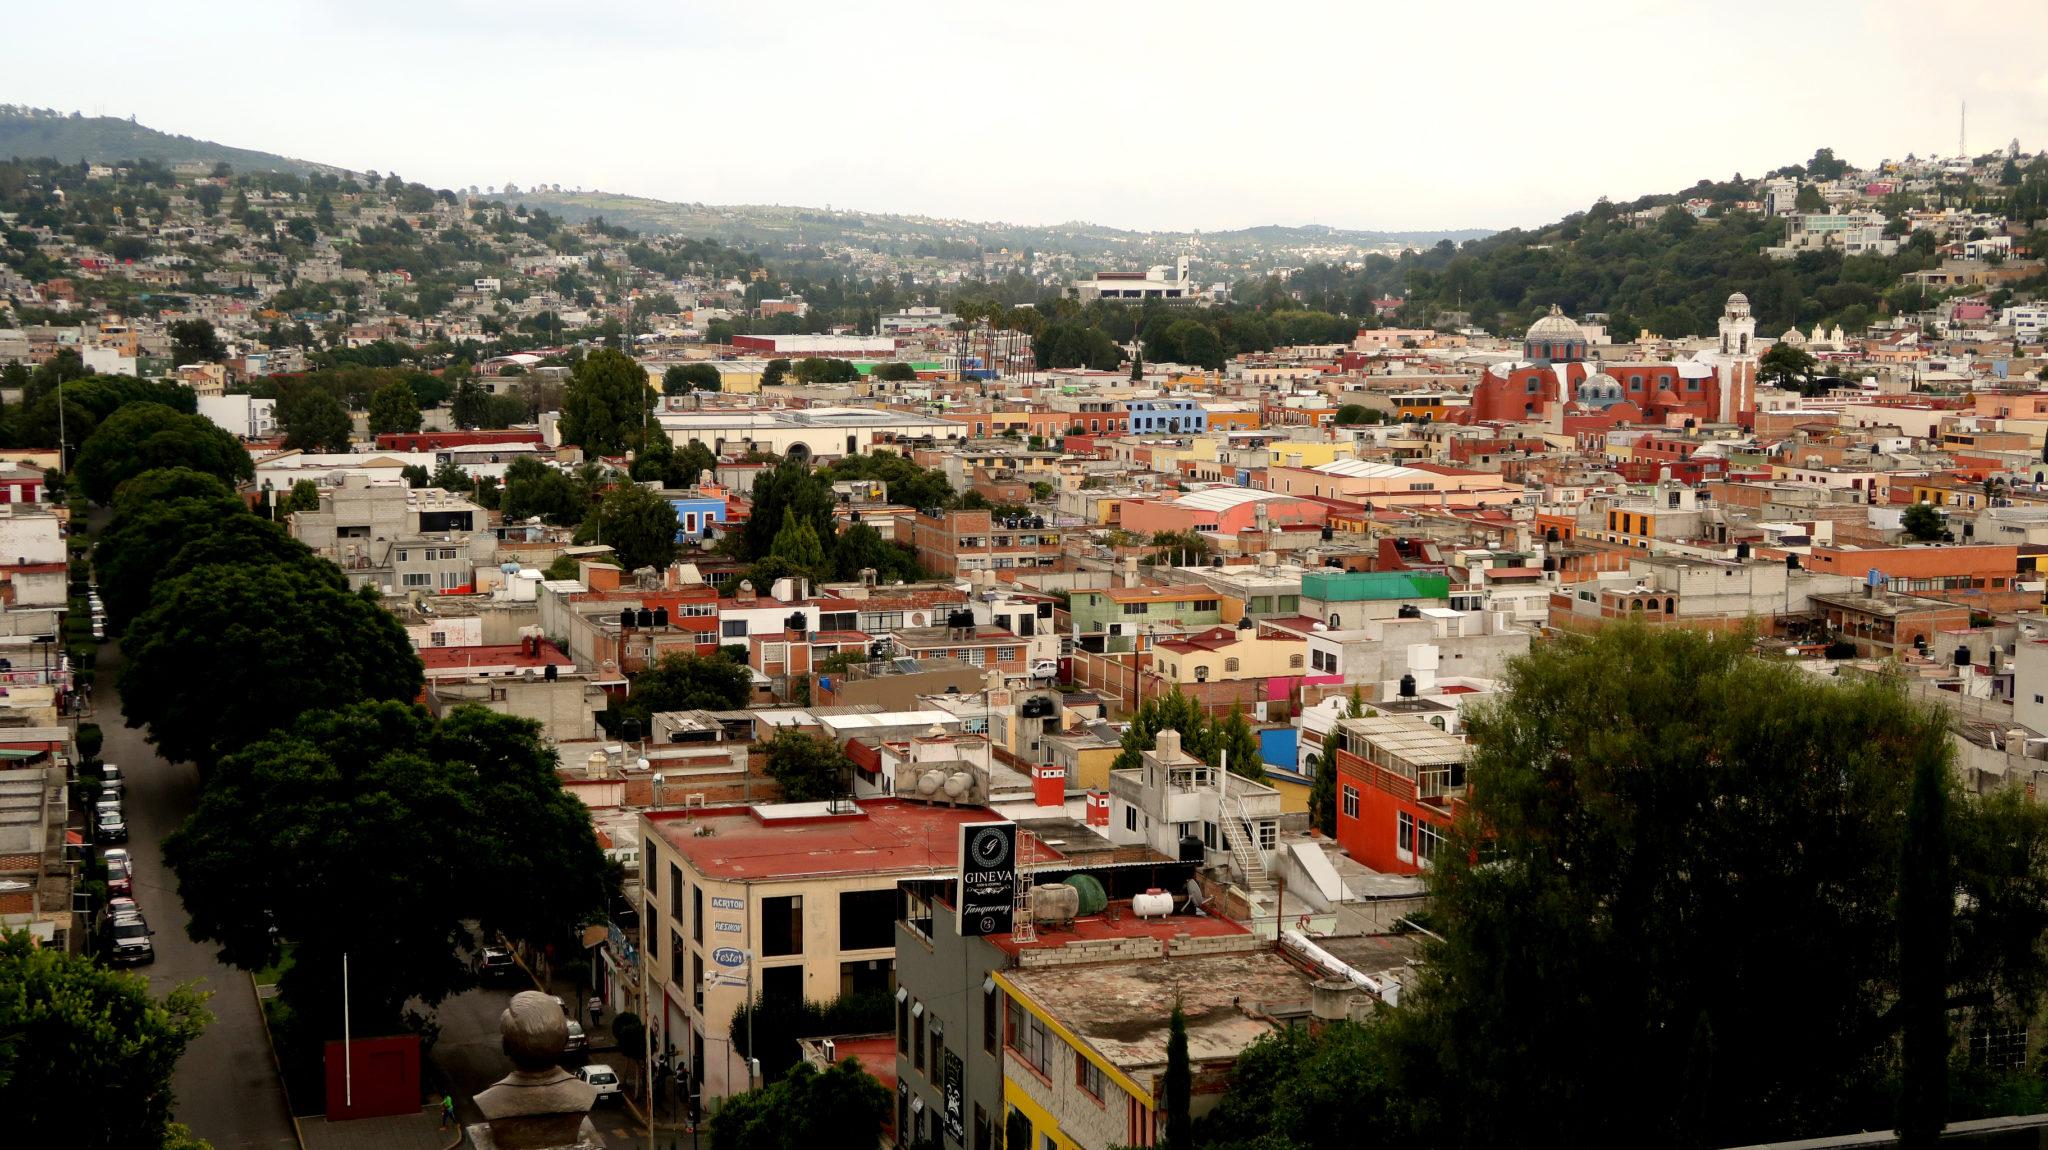 Tlaxcala de Xicohténcatl, Tlaxcala.